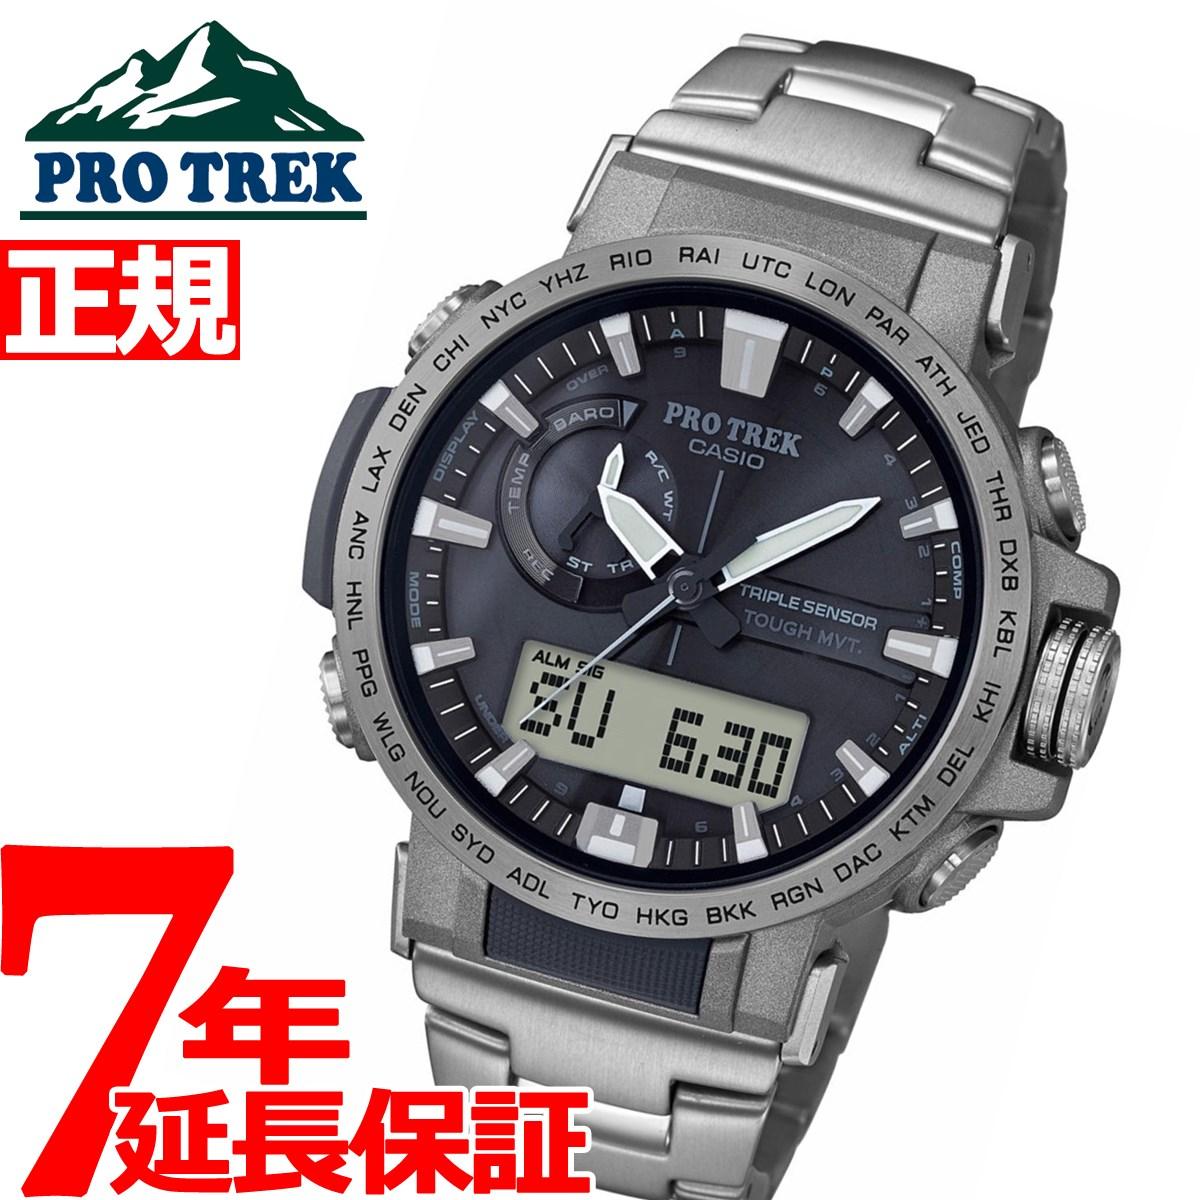 カシオ プロトレック CASIO PRO TREK 電波 ソーラー 電波時計 腕時計 メンズ タフソーラー Climber Line PRW-60T-7AJF【2018 新作】